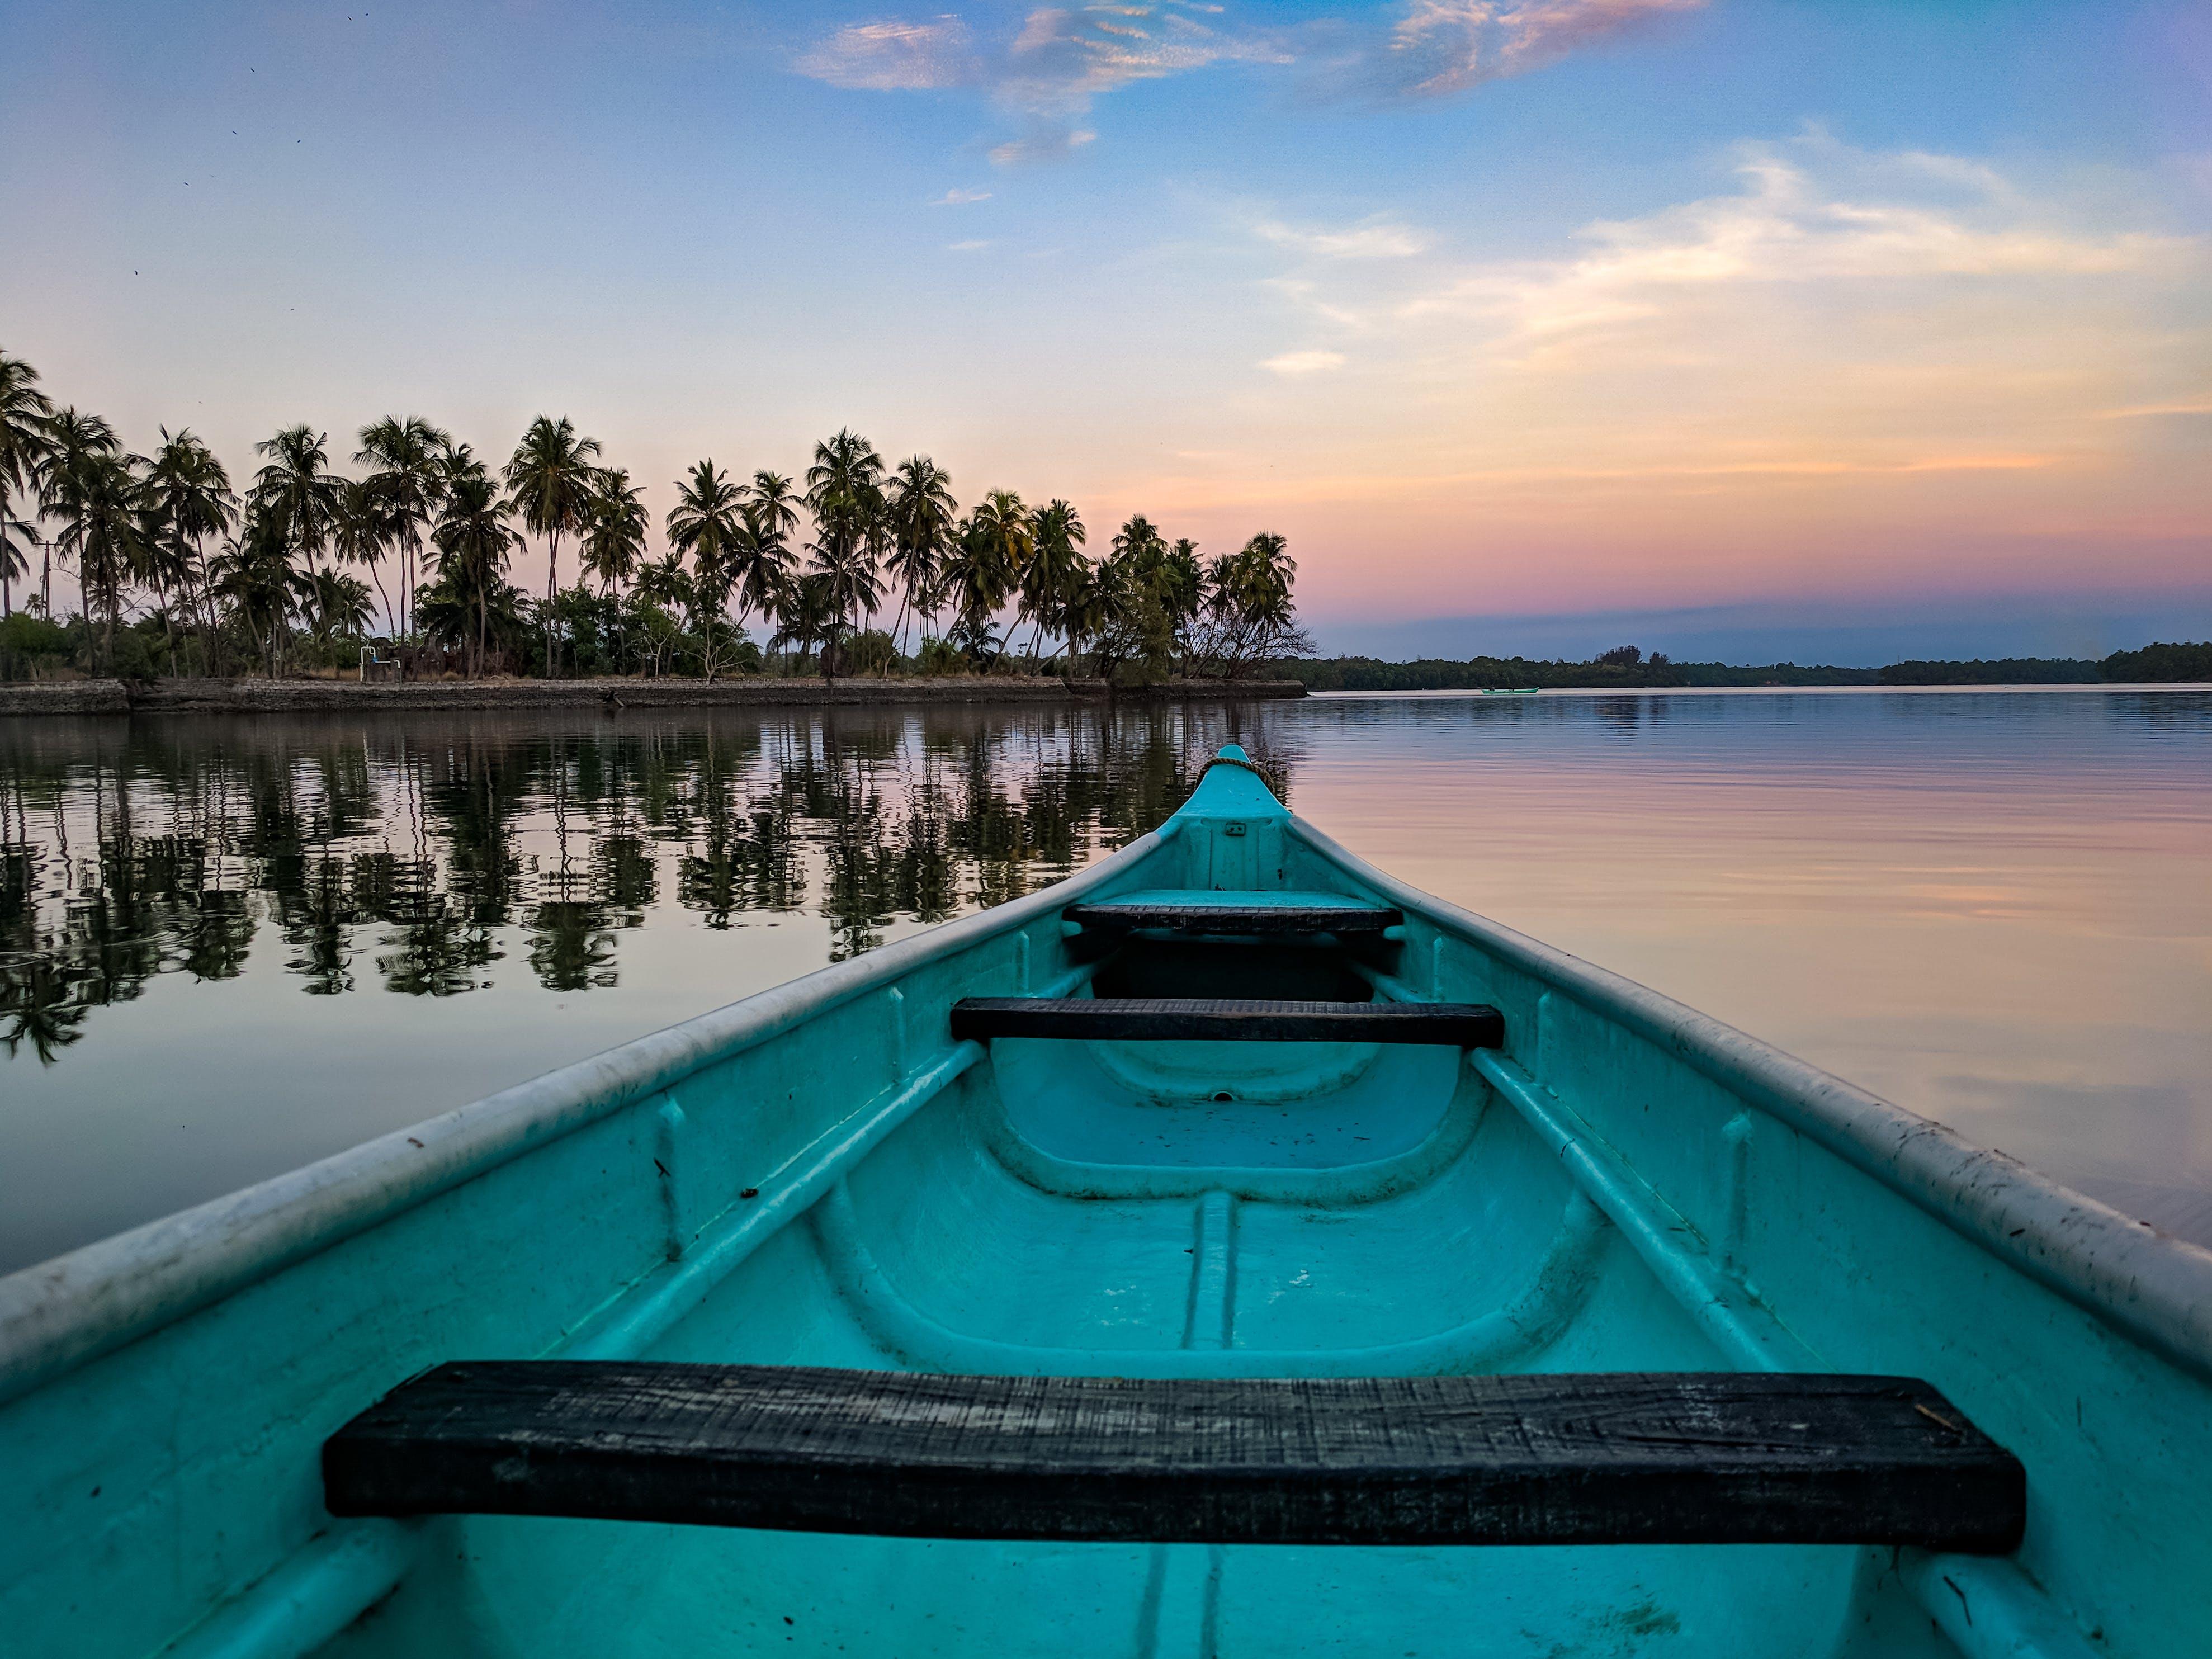 Foto d'estoc gratuïta de aigua, arbres, barca, barca de rems